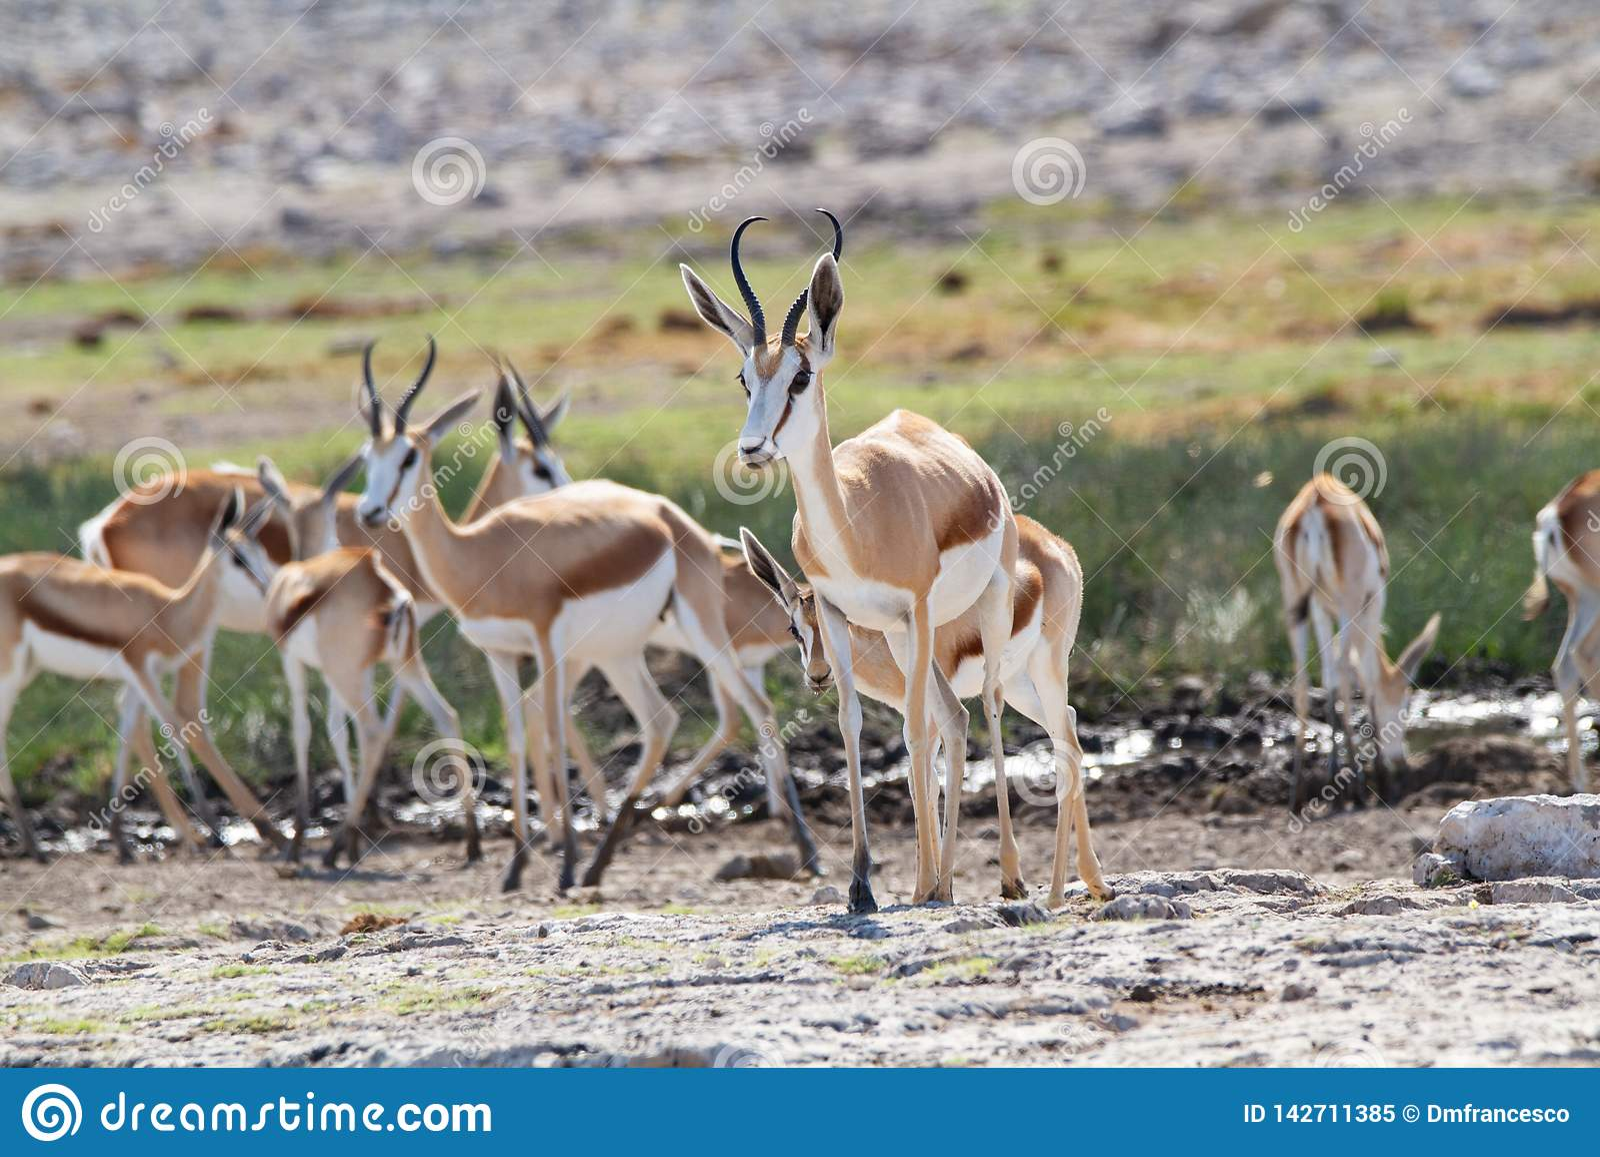 Déserts et nature mammifères africains de springbok en parcs nationaux